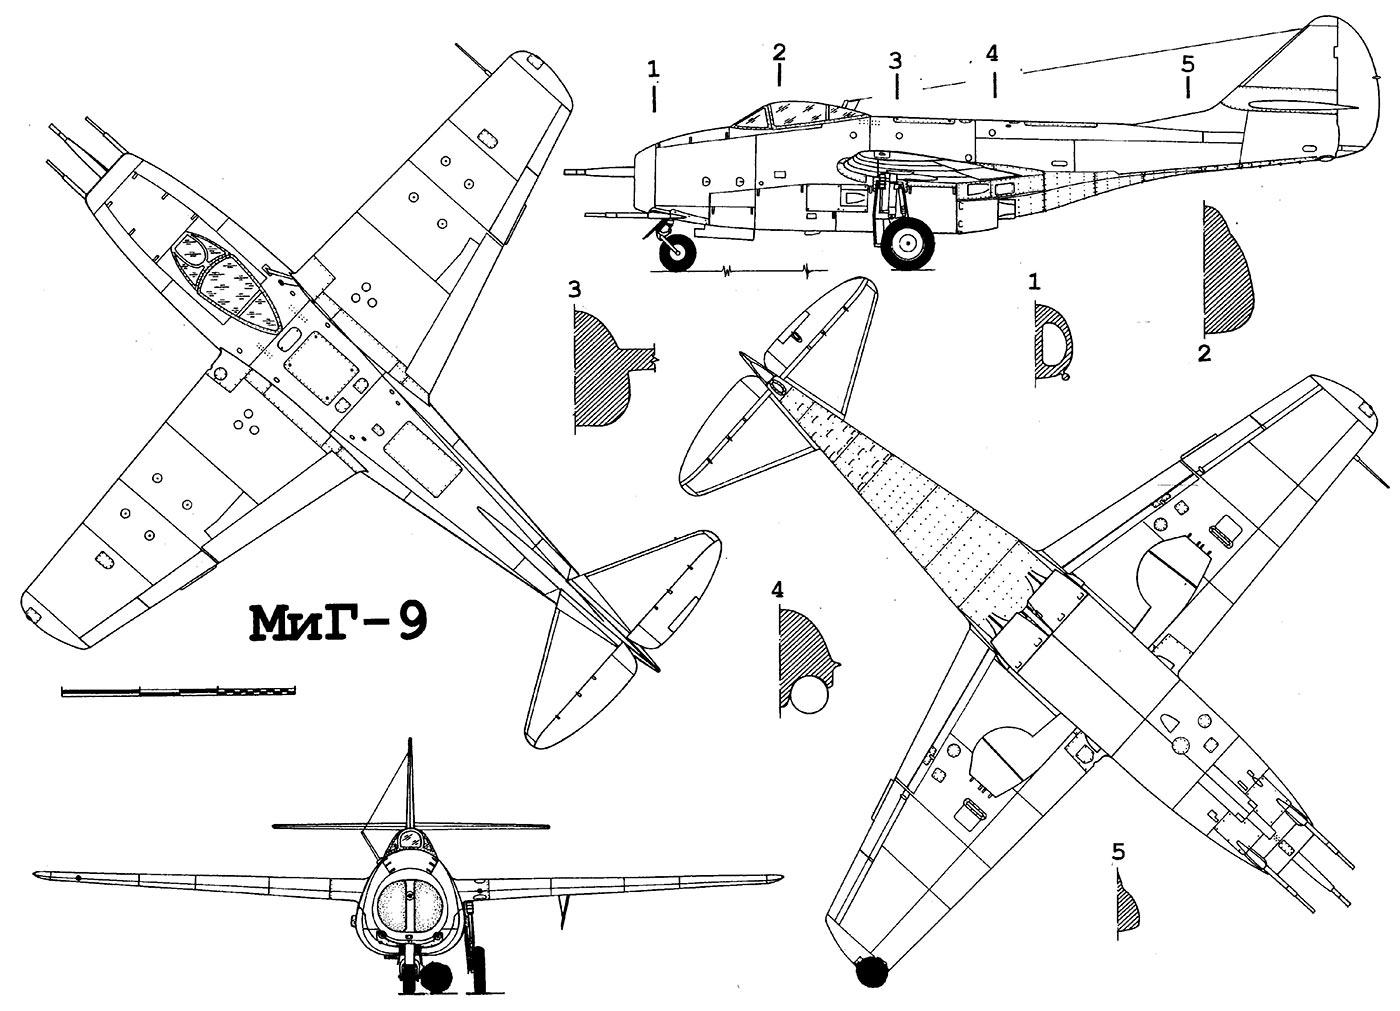 Чертеж истребителя МиГ-9